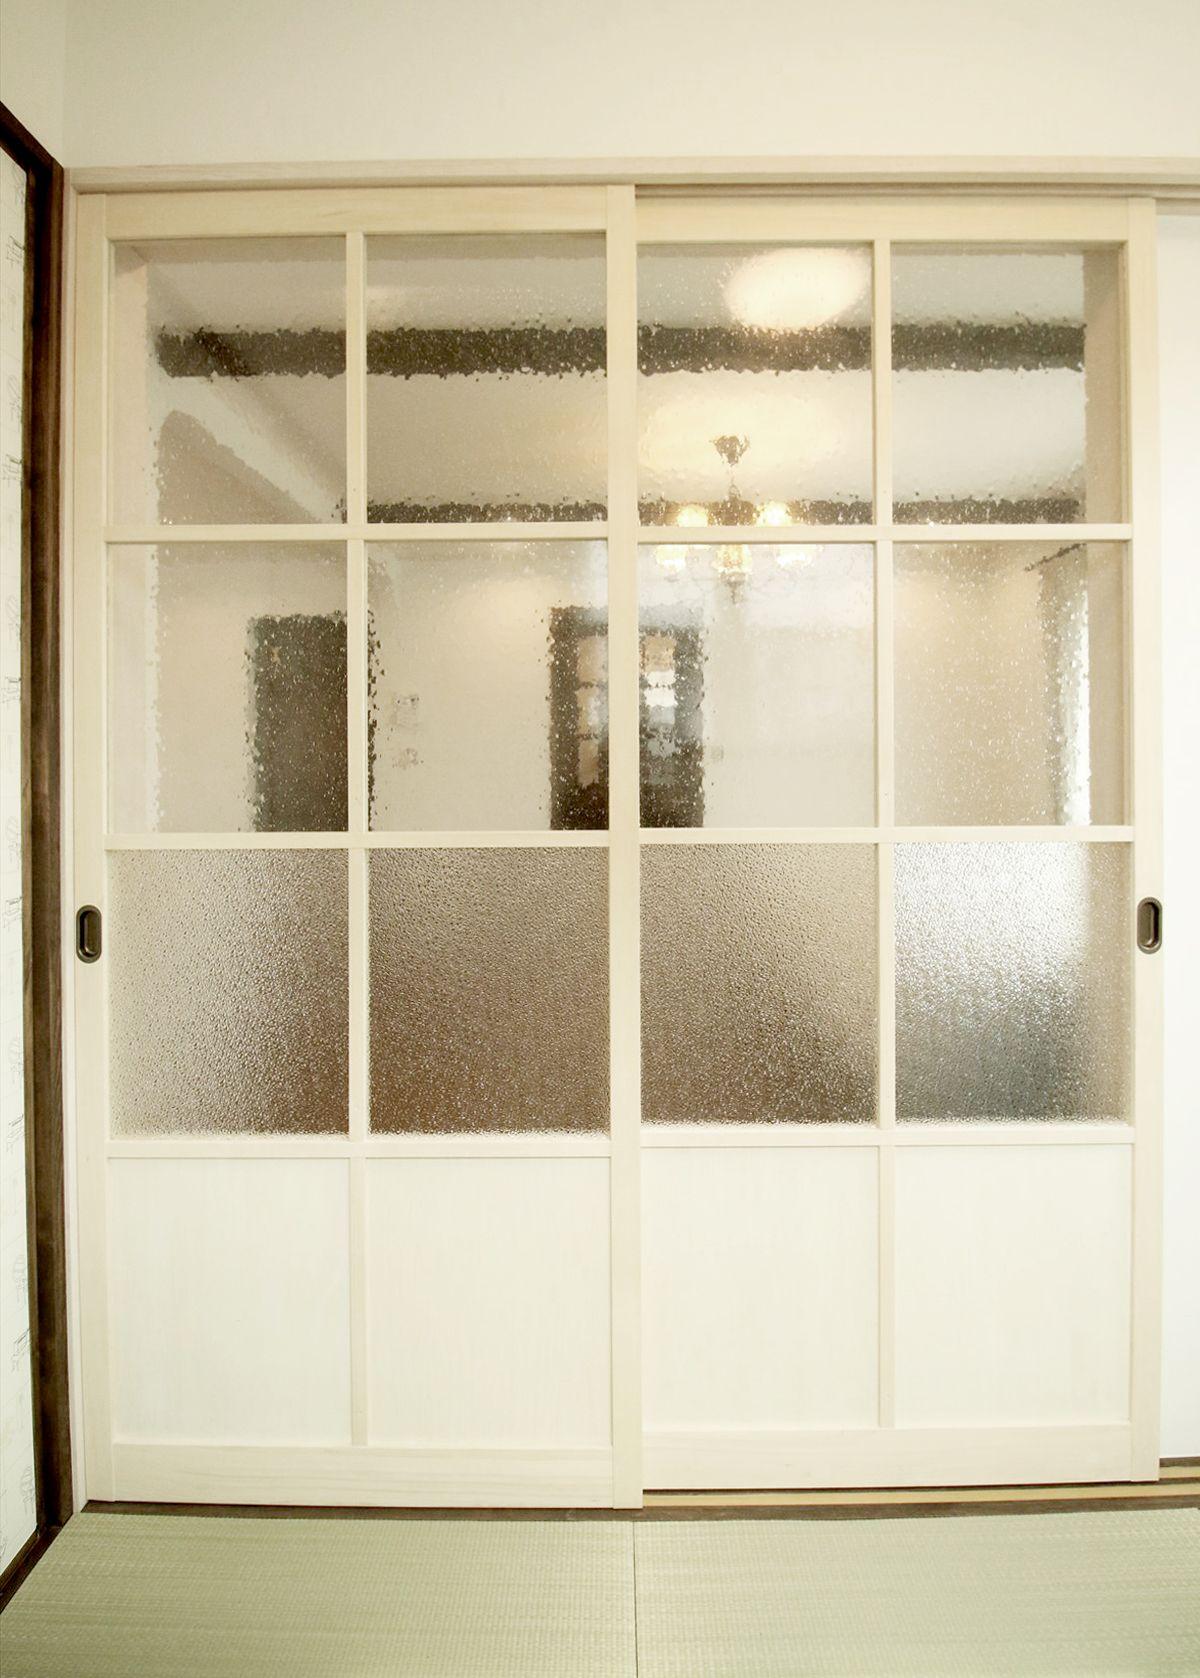 室内ドア 白 和室 ガラス戸 造作ドア 扉 インテリア ナチュラルインテリア 注文住宅 施工例 ジャストの家 Door Interior House Homedecor Housedesign 家 アパートのインテリア 室内ドア